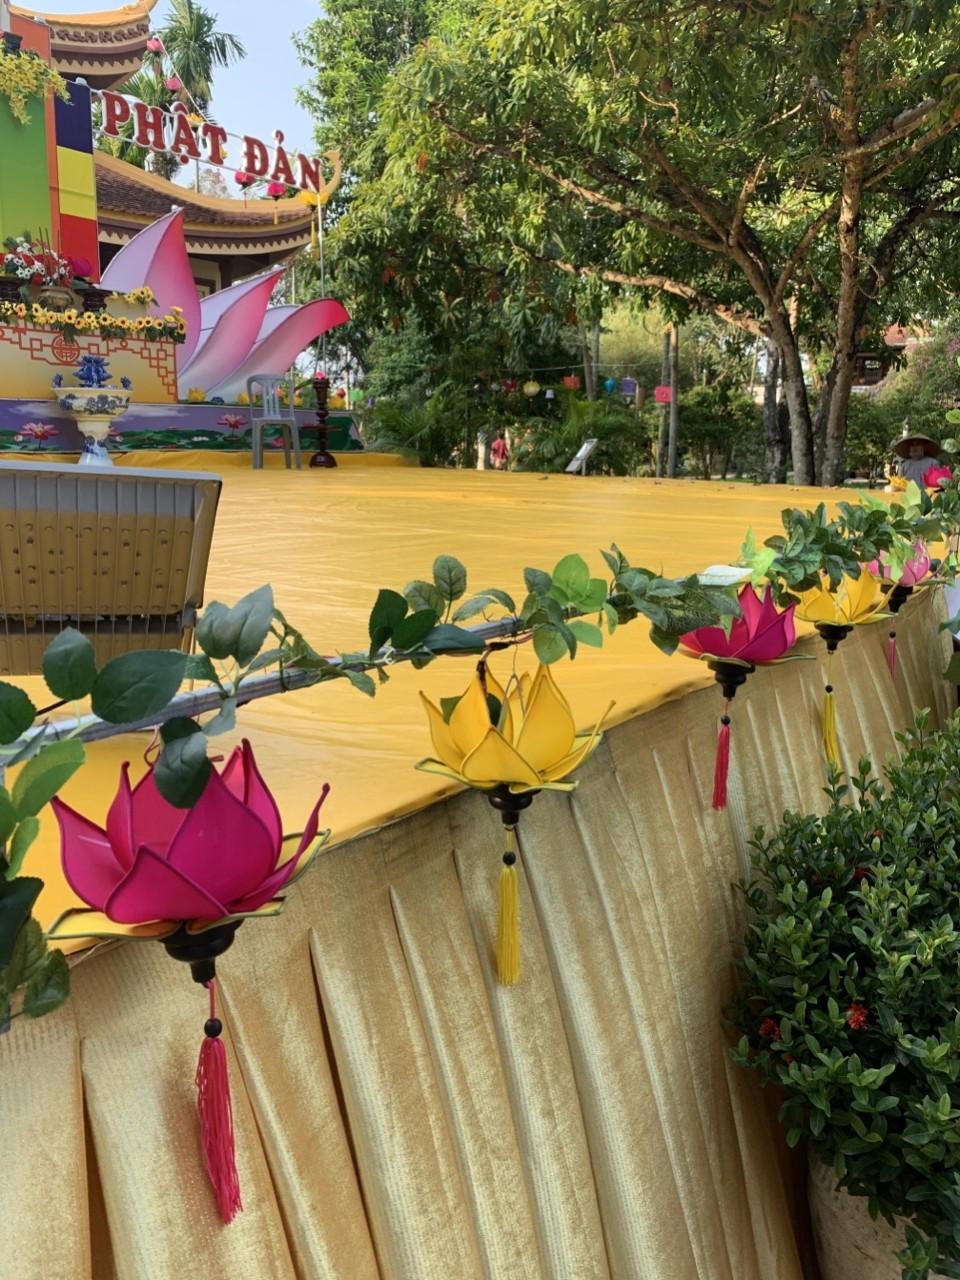 Lồng Đèn trang trí Phật Đản 2021 | LồngĐèn Việt